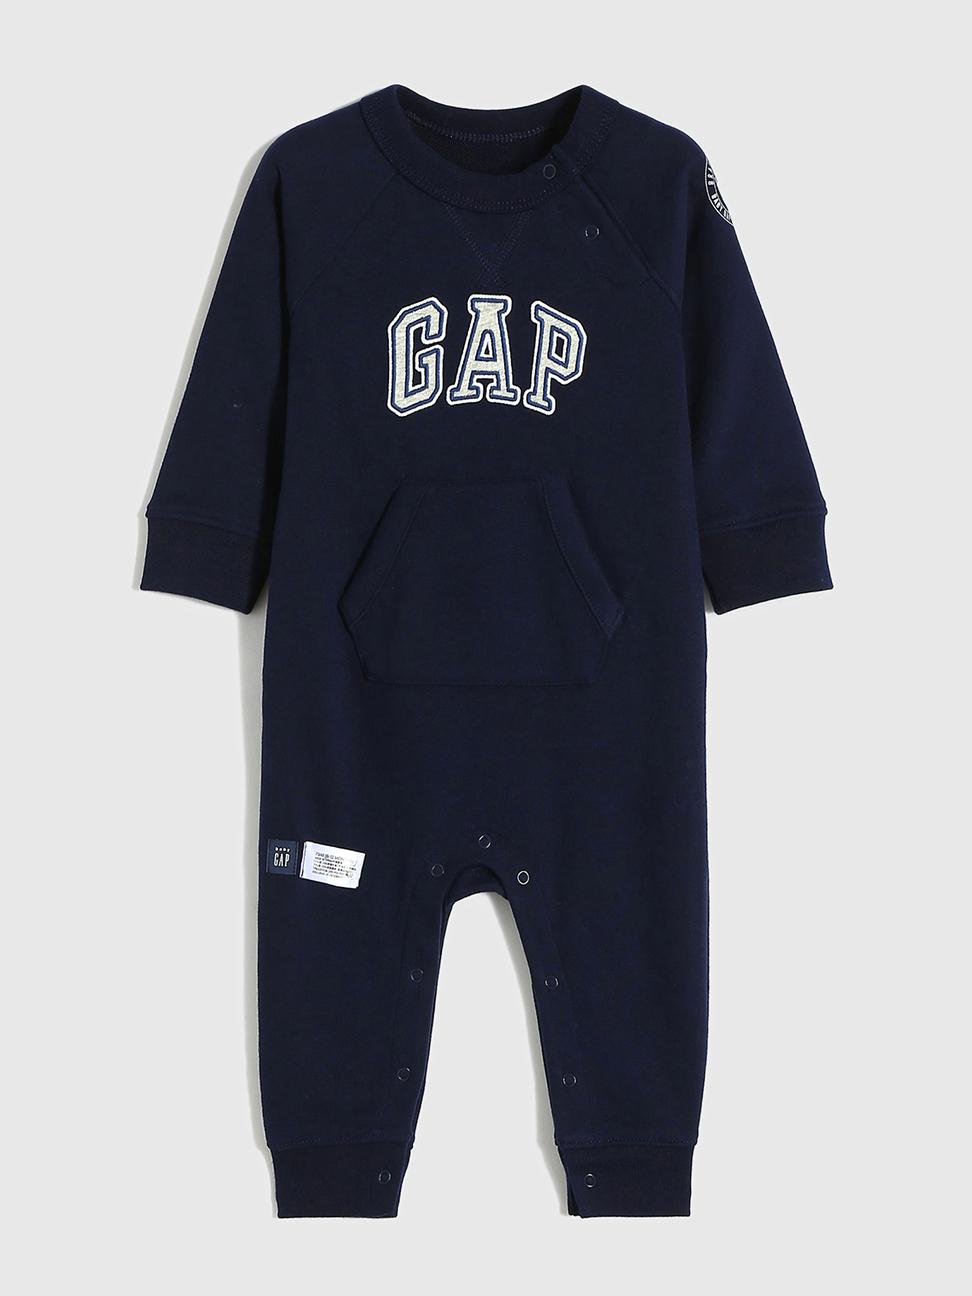 嬰兒 碳素軟磨系列 Logo法式圈織長袖連身衣